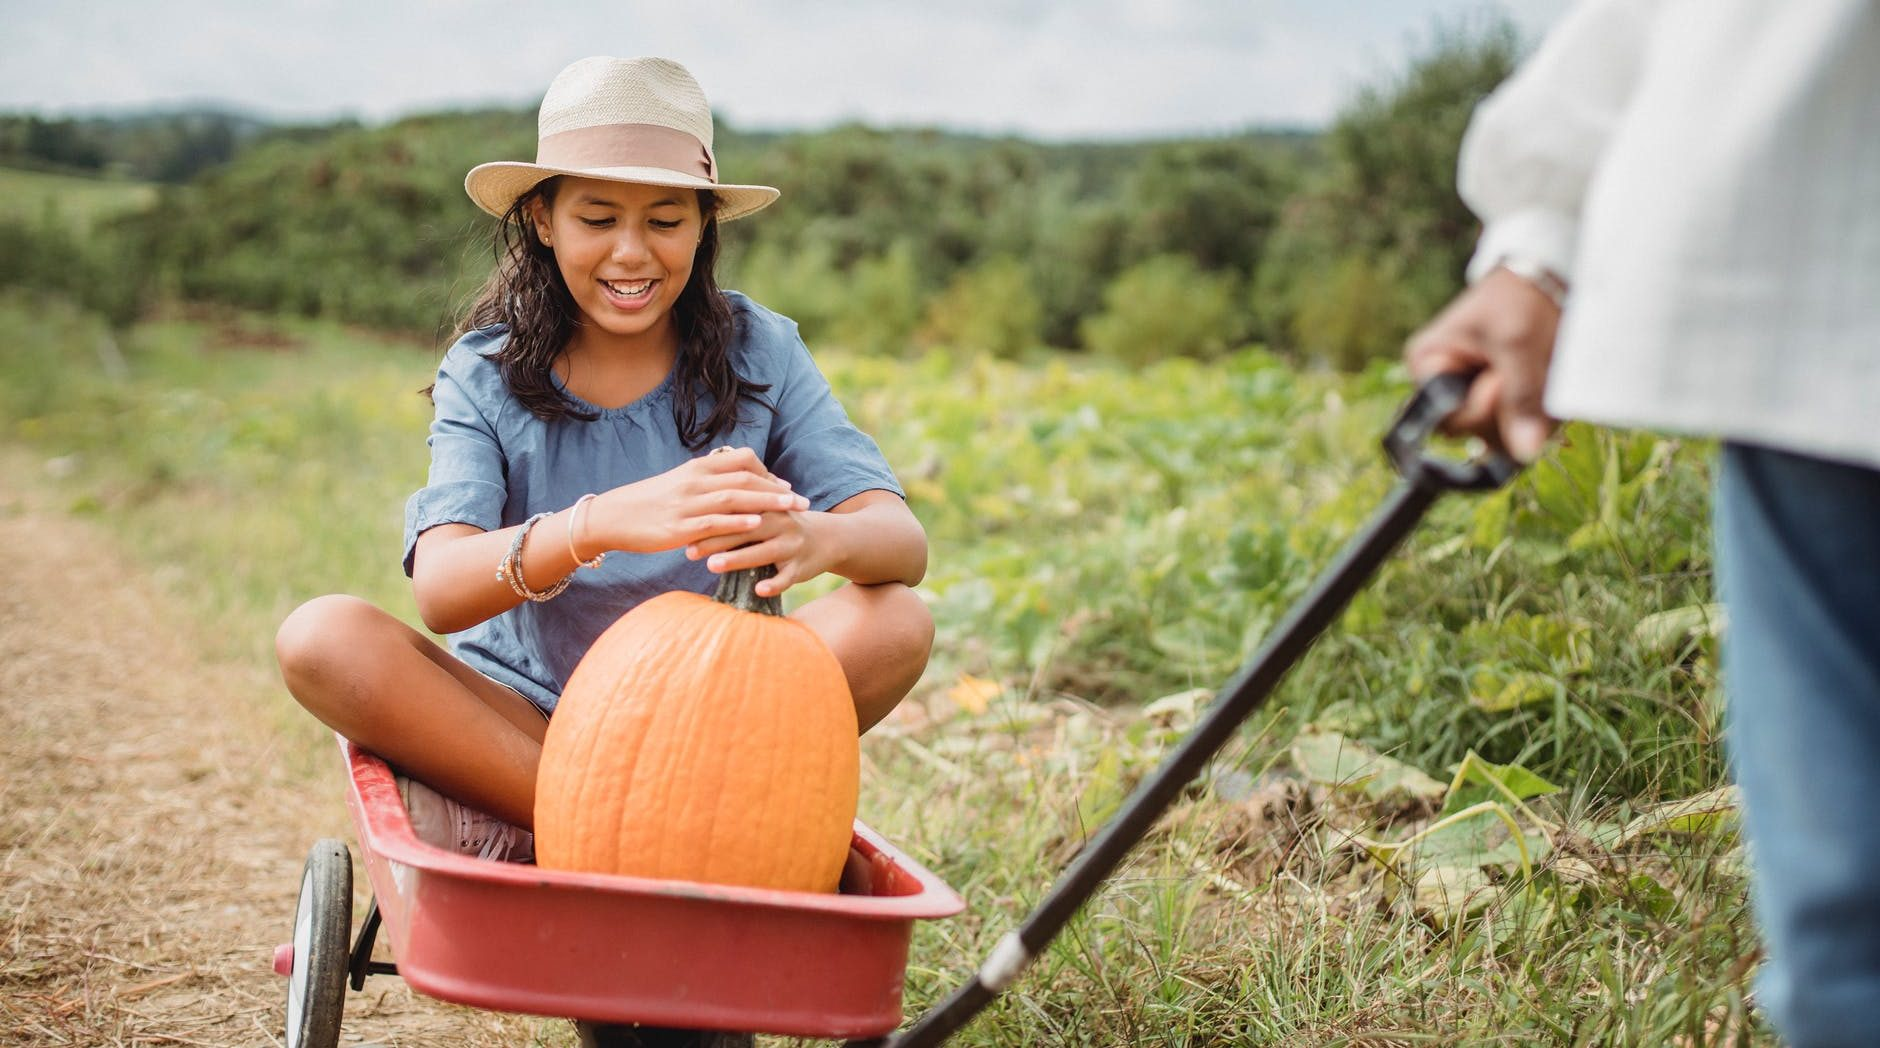 crop gardener carrying ethnic girl with pumpkin in garden cart